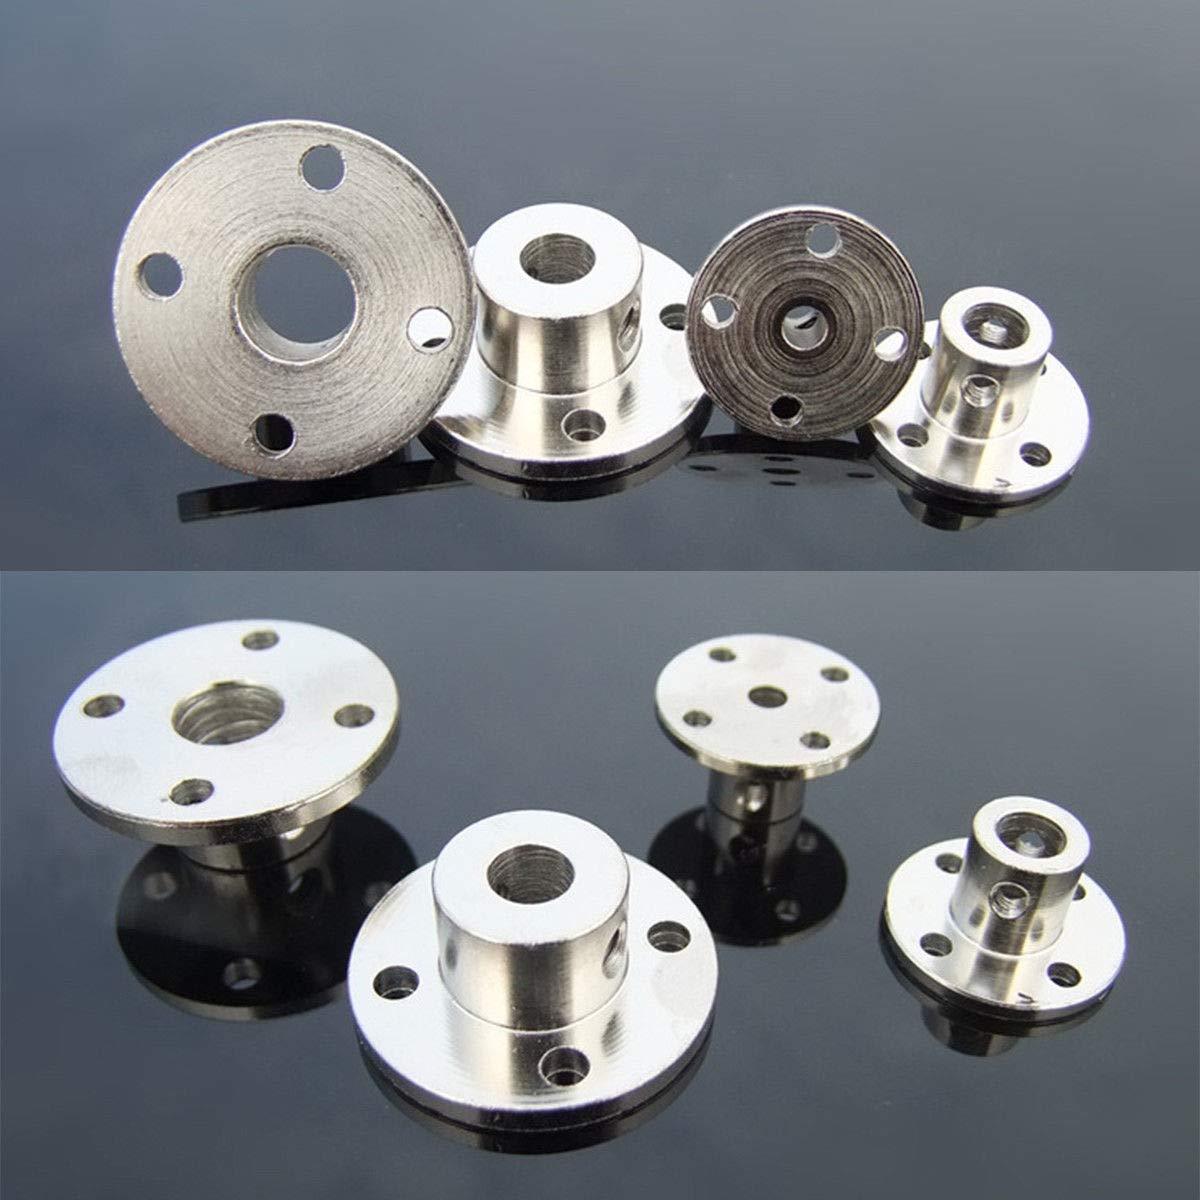 SENRISE Acoplamiento de brida 5 juegos de acoplamiento r/ígido para eje de motor conector de motor de acoplamiento para piezas de bricolaje